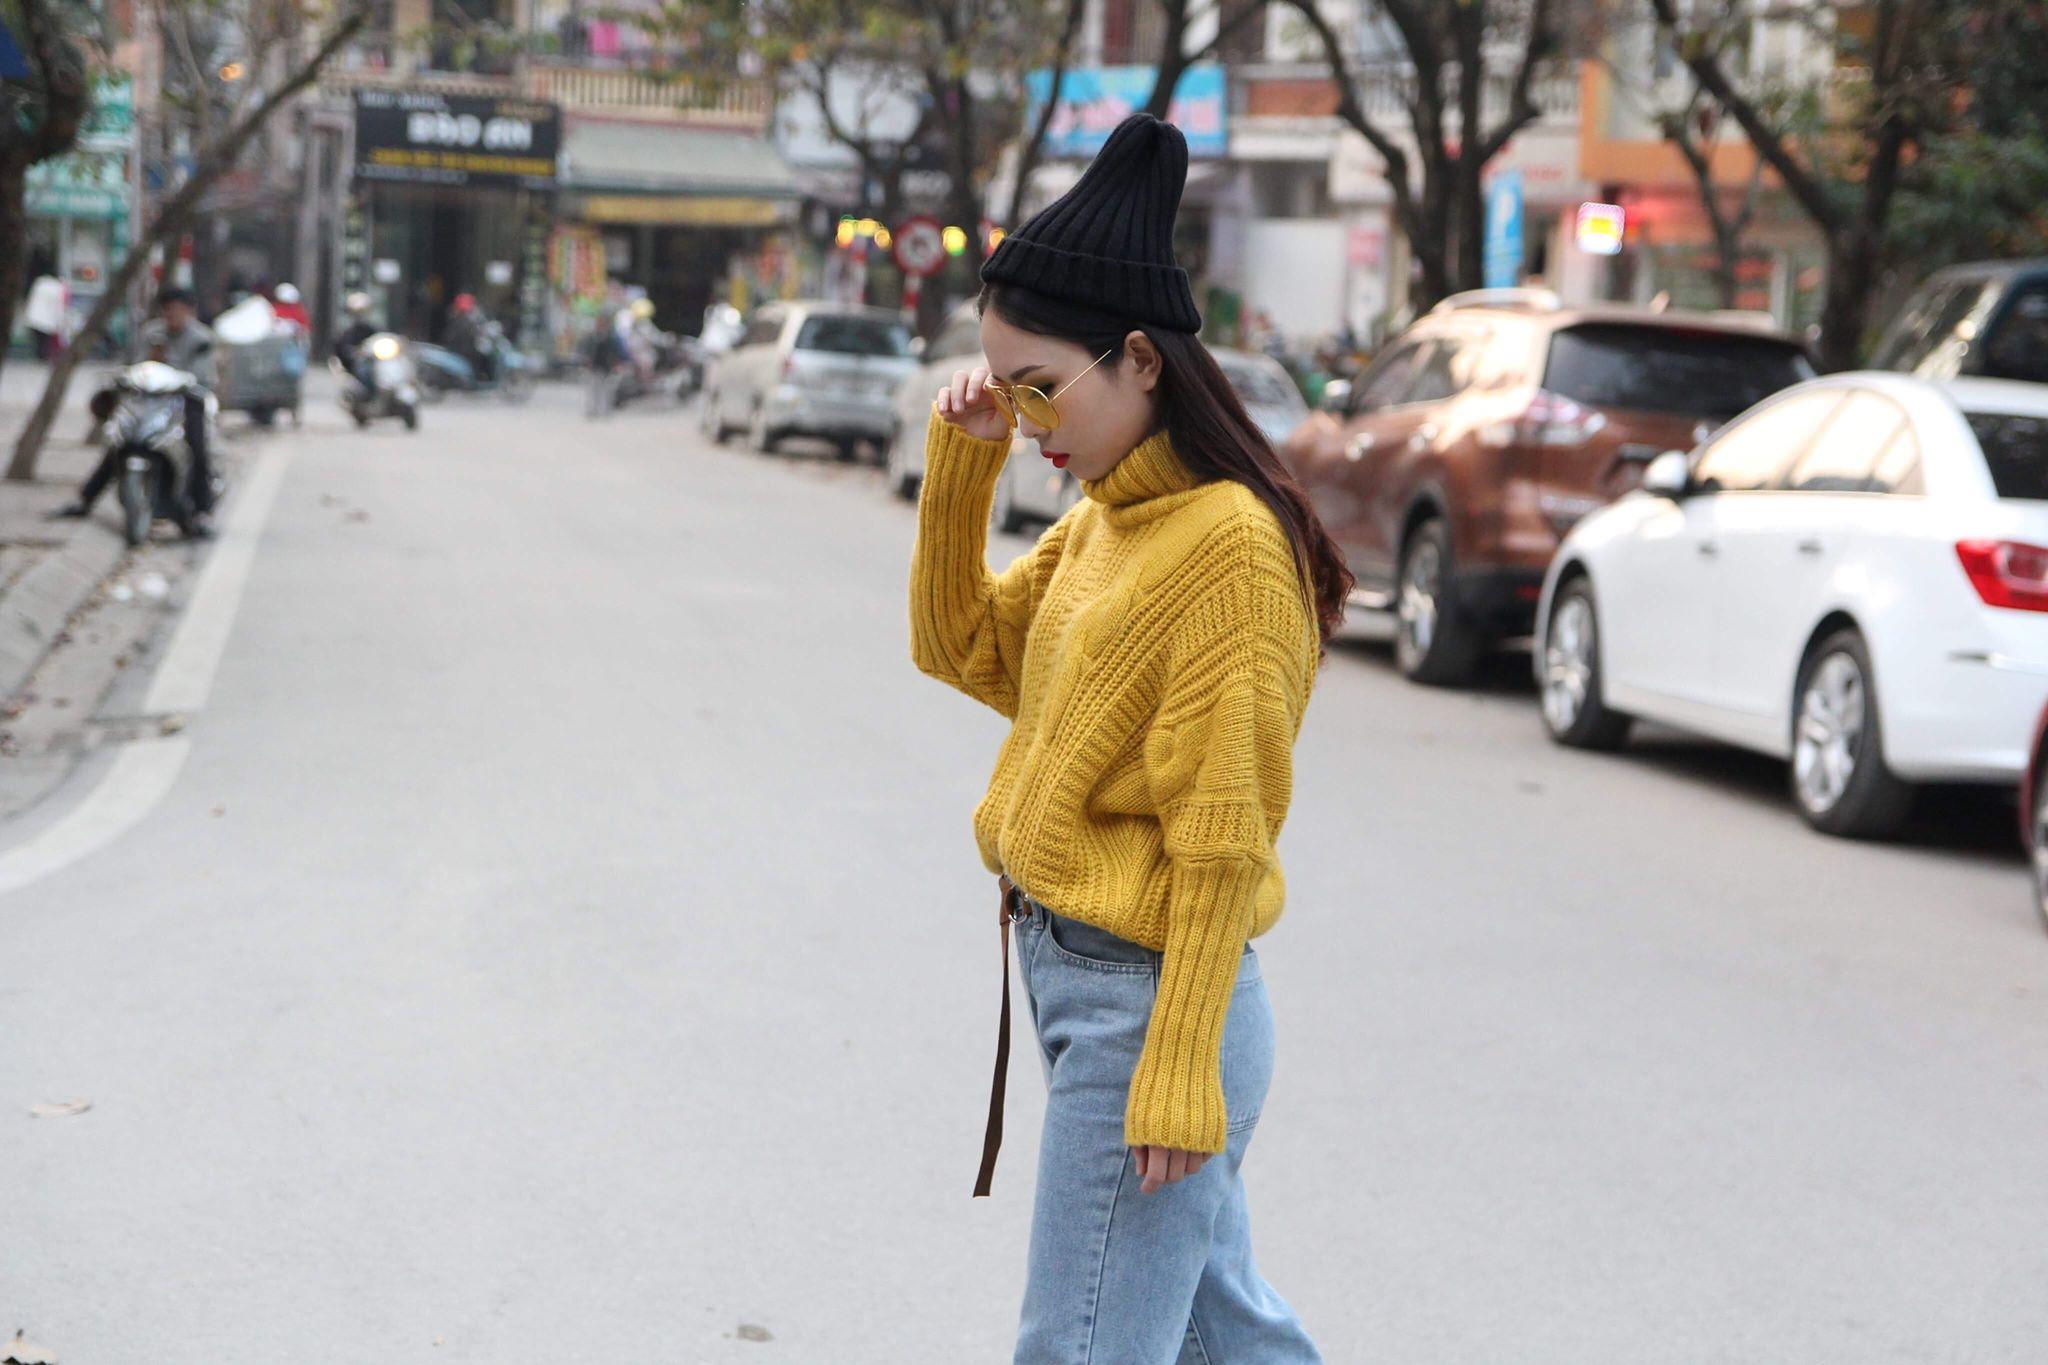 Ngoài đi học ra, nữ sinh FPT làm diễn viên tự do và mẫu ảnh cho các nhiếp ảnh gia. Sở trường của Trang là diễn xuất, khi được hoá thân thành các nhân vật khác nhau, cô cảm thấy rất vui và hạnh phúc.